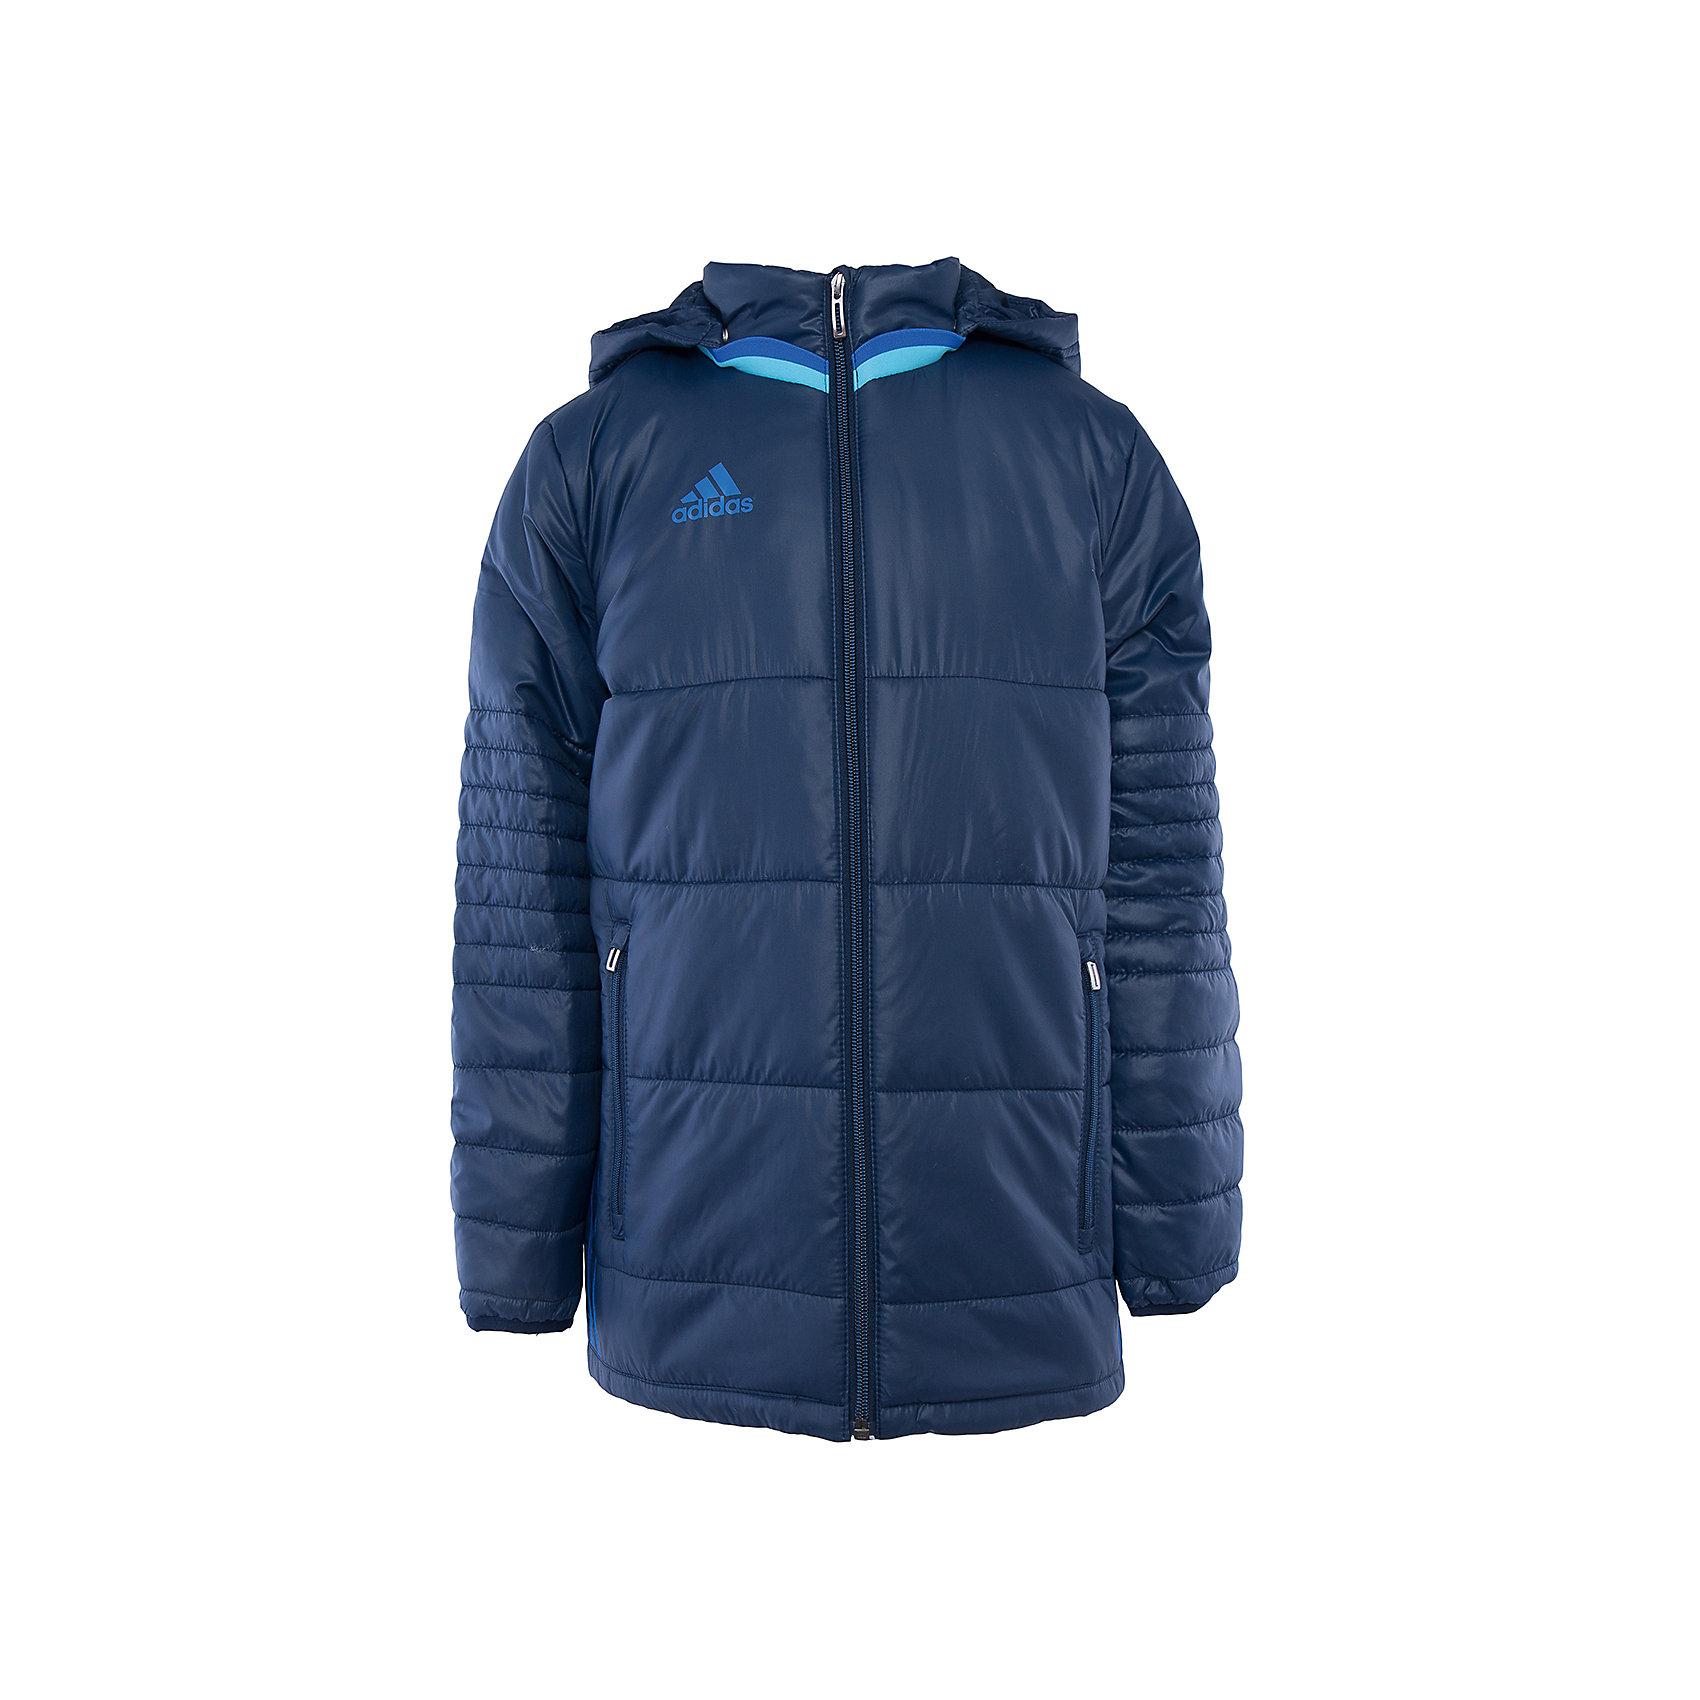 Куртка adidasВерхняя одежда<br>Куртка утепленная  Аdidas (Адидас).<br><br>Характеристики:<br><br>• Цвет: темно- синий.<br>• Состав: 100% полиэстер.<br>• Воротник – стойка.<br>• Капюшон.<br><br>Утепленная куртка от известного бренда Аdidas (Адидас) из коллекции Adidas Condivo.  Эта спортивная куртка отлично впишется в гардероб  вашего ребенка. Куртка темно-синего цвета, декорирована ярко– голубыми лампасами. Карманы прорезные, на молнии Данная модель выполнена с застежкой молния. Воротник стойка и капюшон отлично защитят вашего ребенка от ветра и непогоды. В такой  куртке ребенок будет комфортно себя чувствовать во время активных прогулок. Данная модель хорошо сидит на ребенке, обеспечивают комфорт и отлично сочетается с другой спортивной одеждой. <br><br>Утепленную куртку Аdidas (Адидас), можно купить в нашем интернет-магазине.<br><br>Ширина мм: 356<br>Глубина мм: 10<br>Высота мм: 245<br>Вес г: 519<br>Цвет: голубой<br>Возраст от месяцев: 84<br>Возраст до месяцев: 96<br>Пол: Мужской<br>Возраст: Детский<br>Размер: 128,164,140,152<br>SKU: 5003560